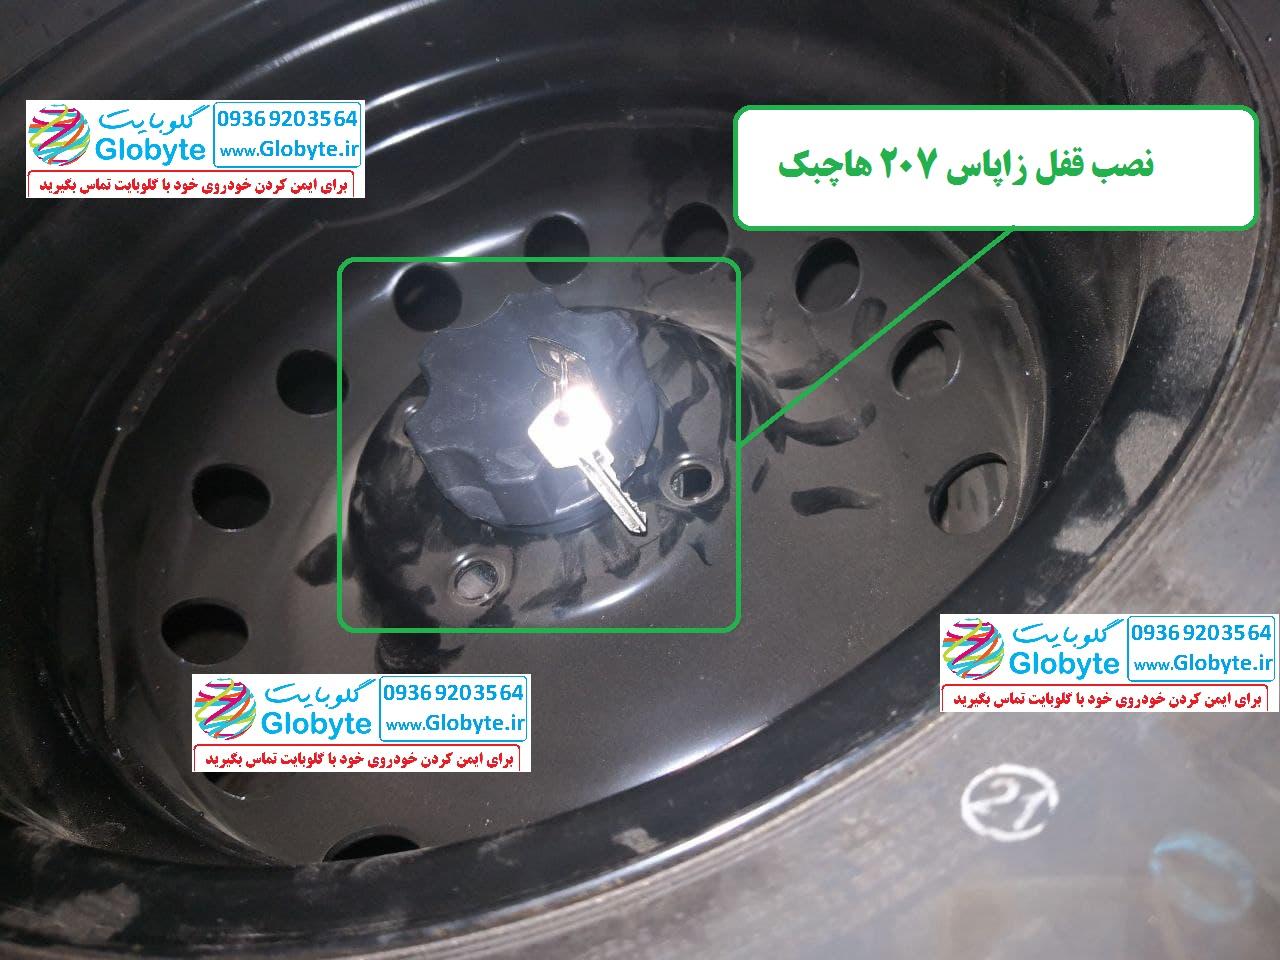 نمونه کارهای نصبی خودرو 207